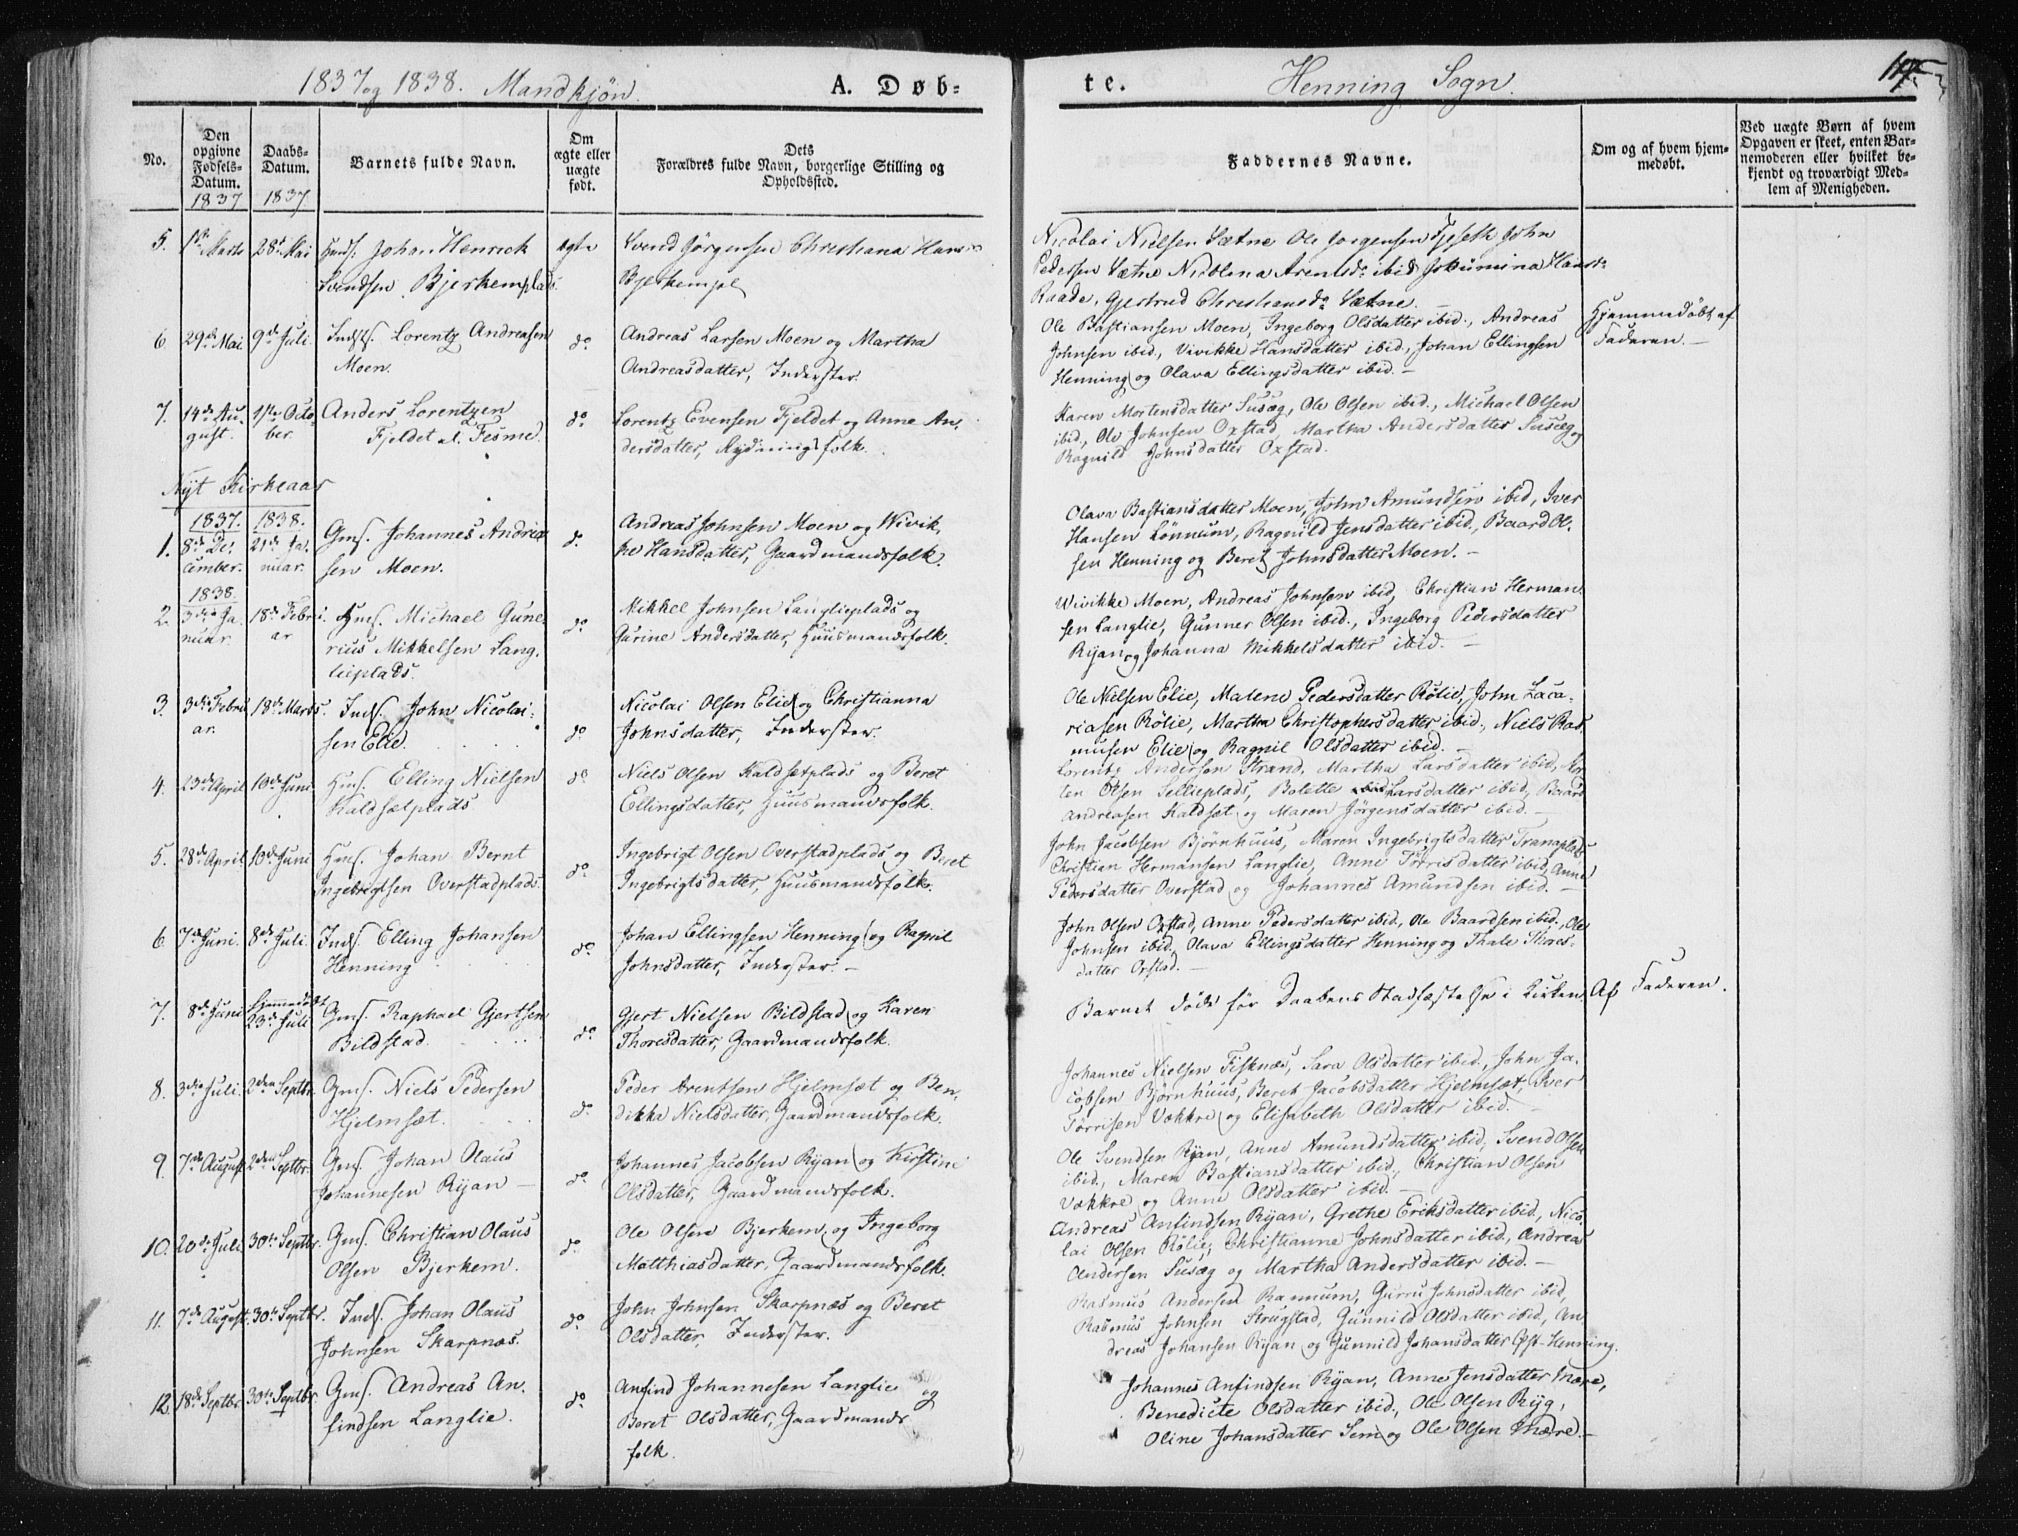 SAT, Ministerialprotokoller, klokkerbøker og fødselsregistre - Nord-Trøndelag, 735/L0339: Ministerialbok nr. 735A06 /3, 1836-1848, s. 117